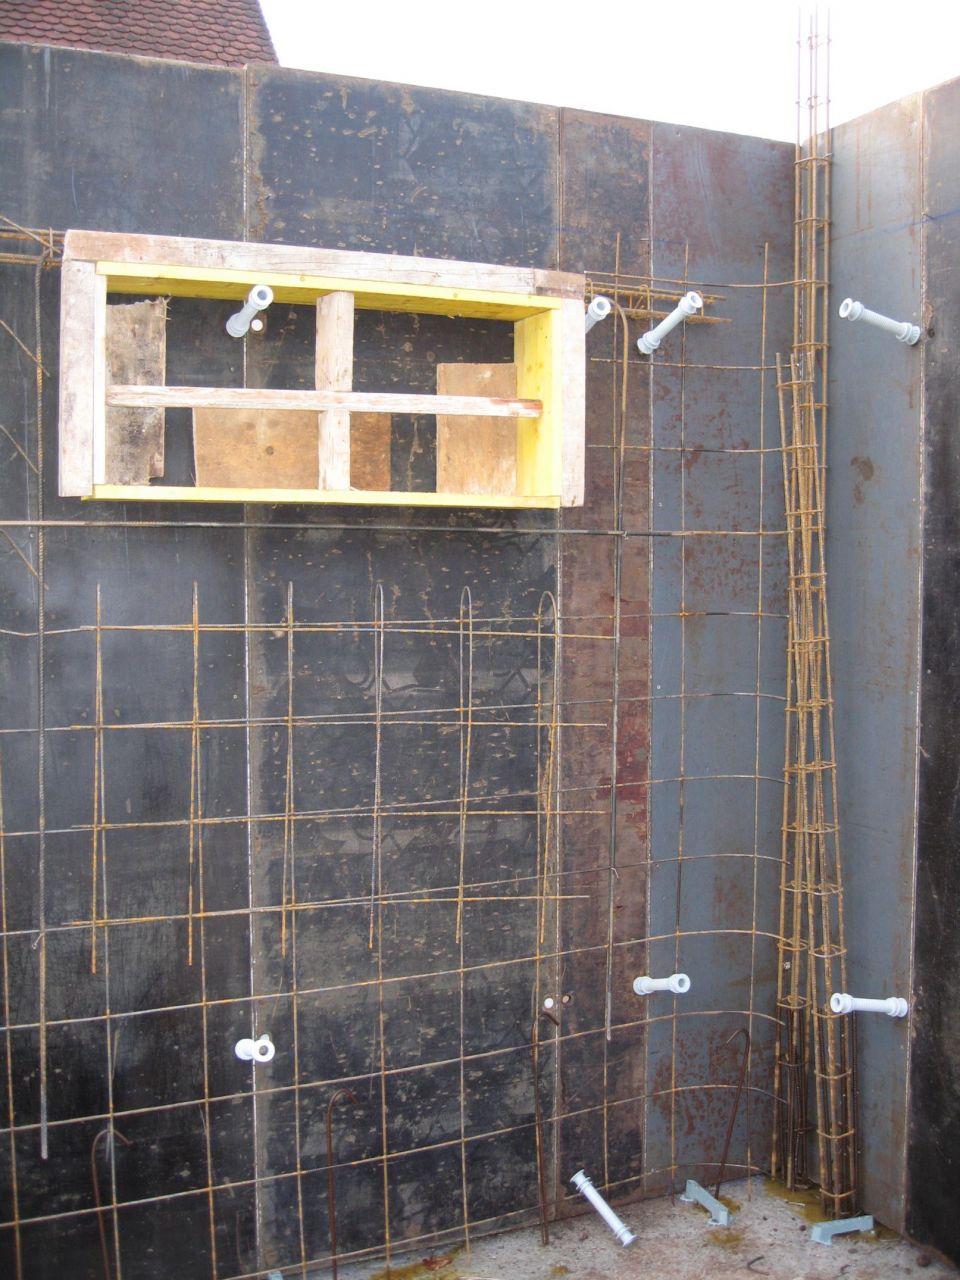 La réservation pour une fenêtre de cave, avec prévue directement la feuillure pour la fenêtre.